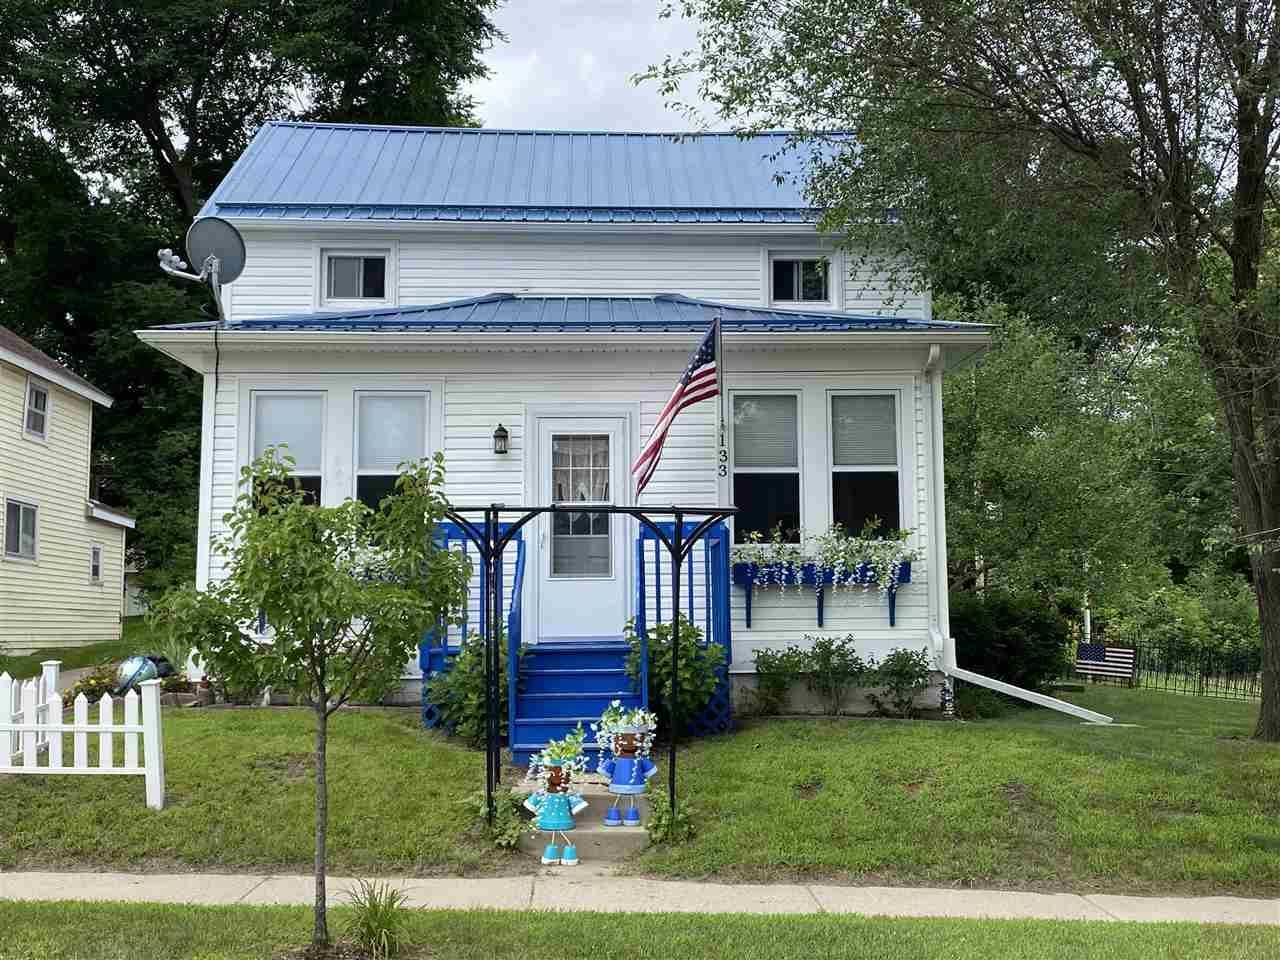 133 S Oak St, Adams, WI 53910 - #: 1889027